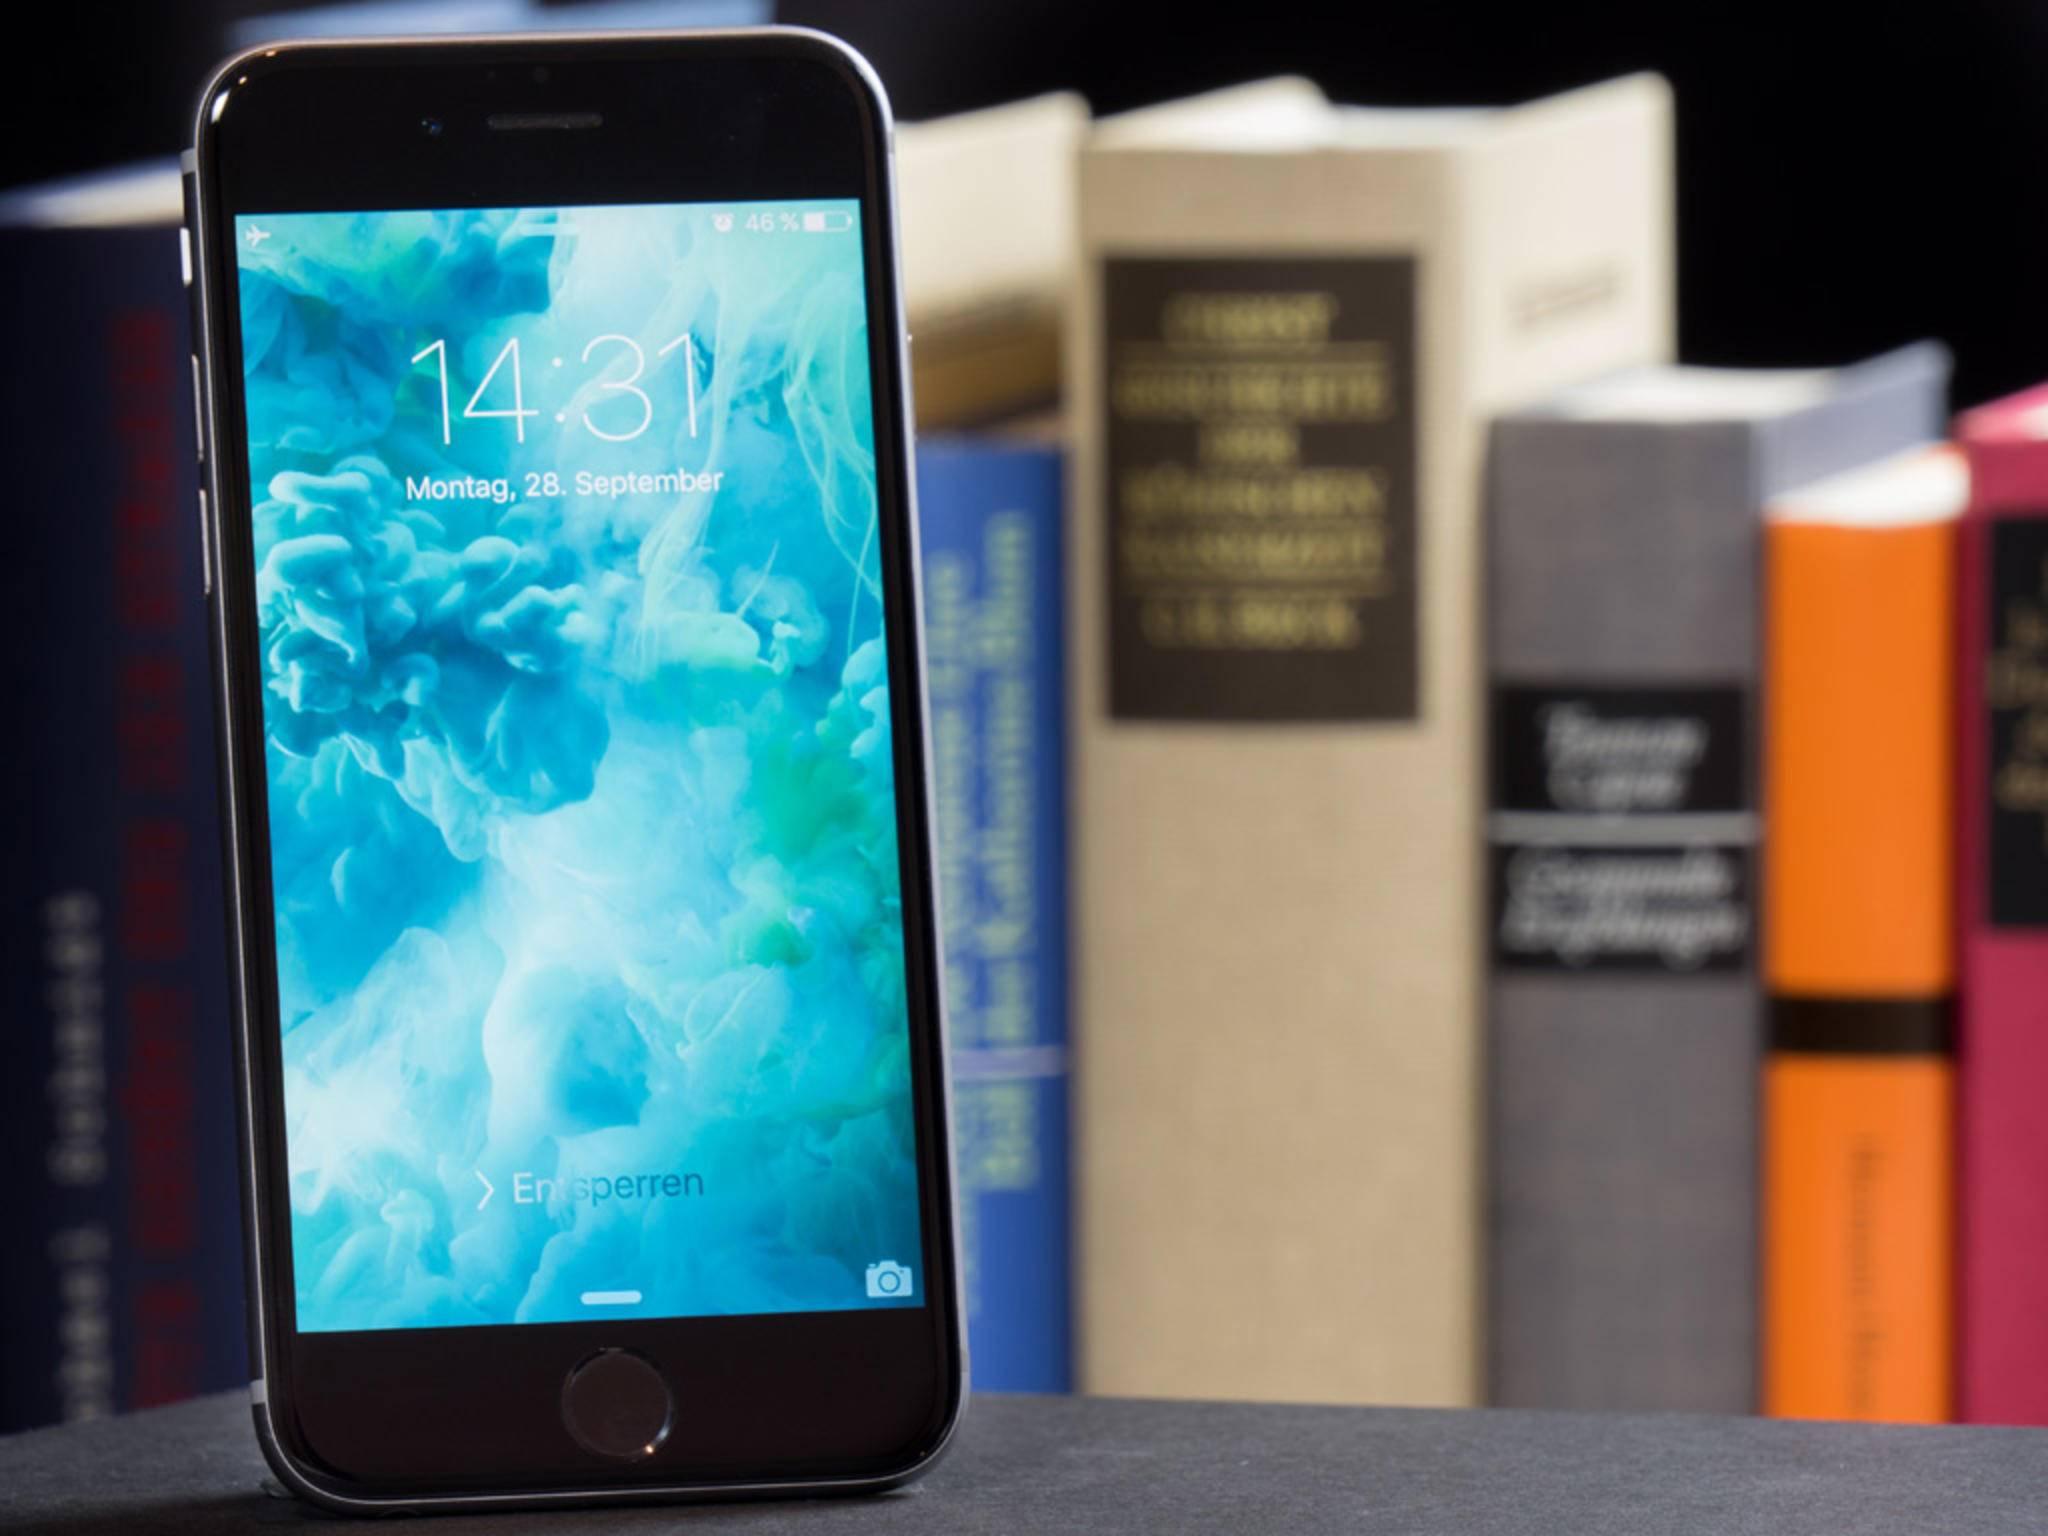 Wir verraten 9 Dinge, die nicht jeder iPhone-Besitzer kennt.